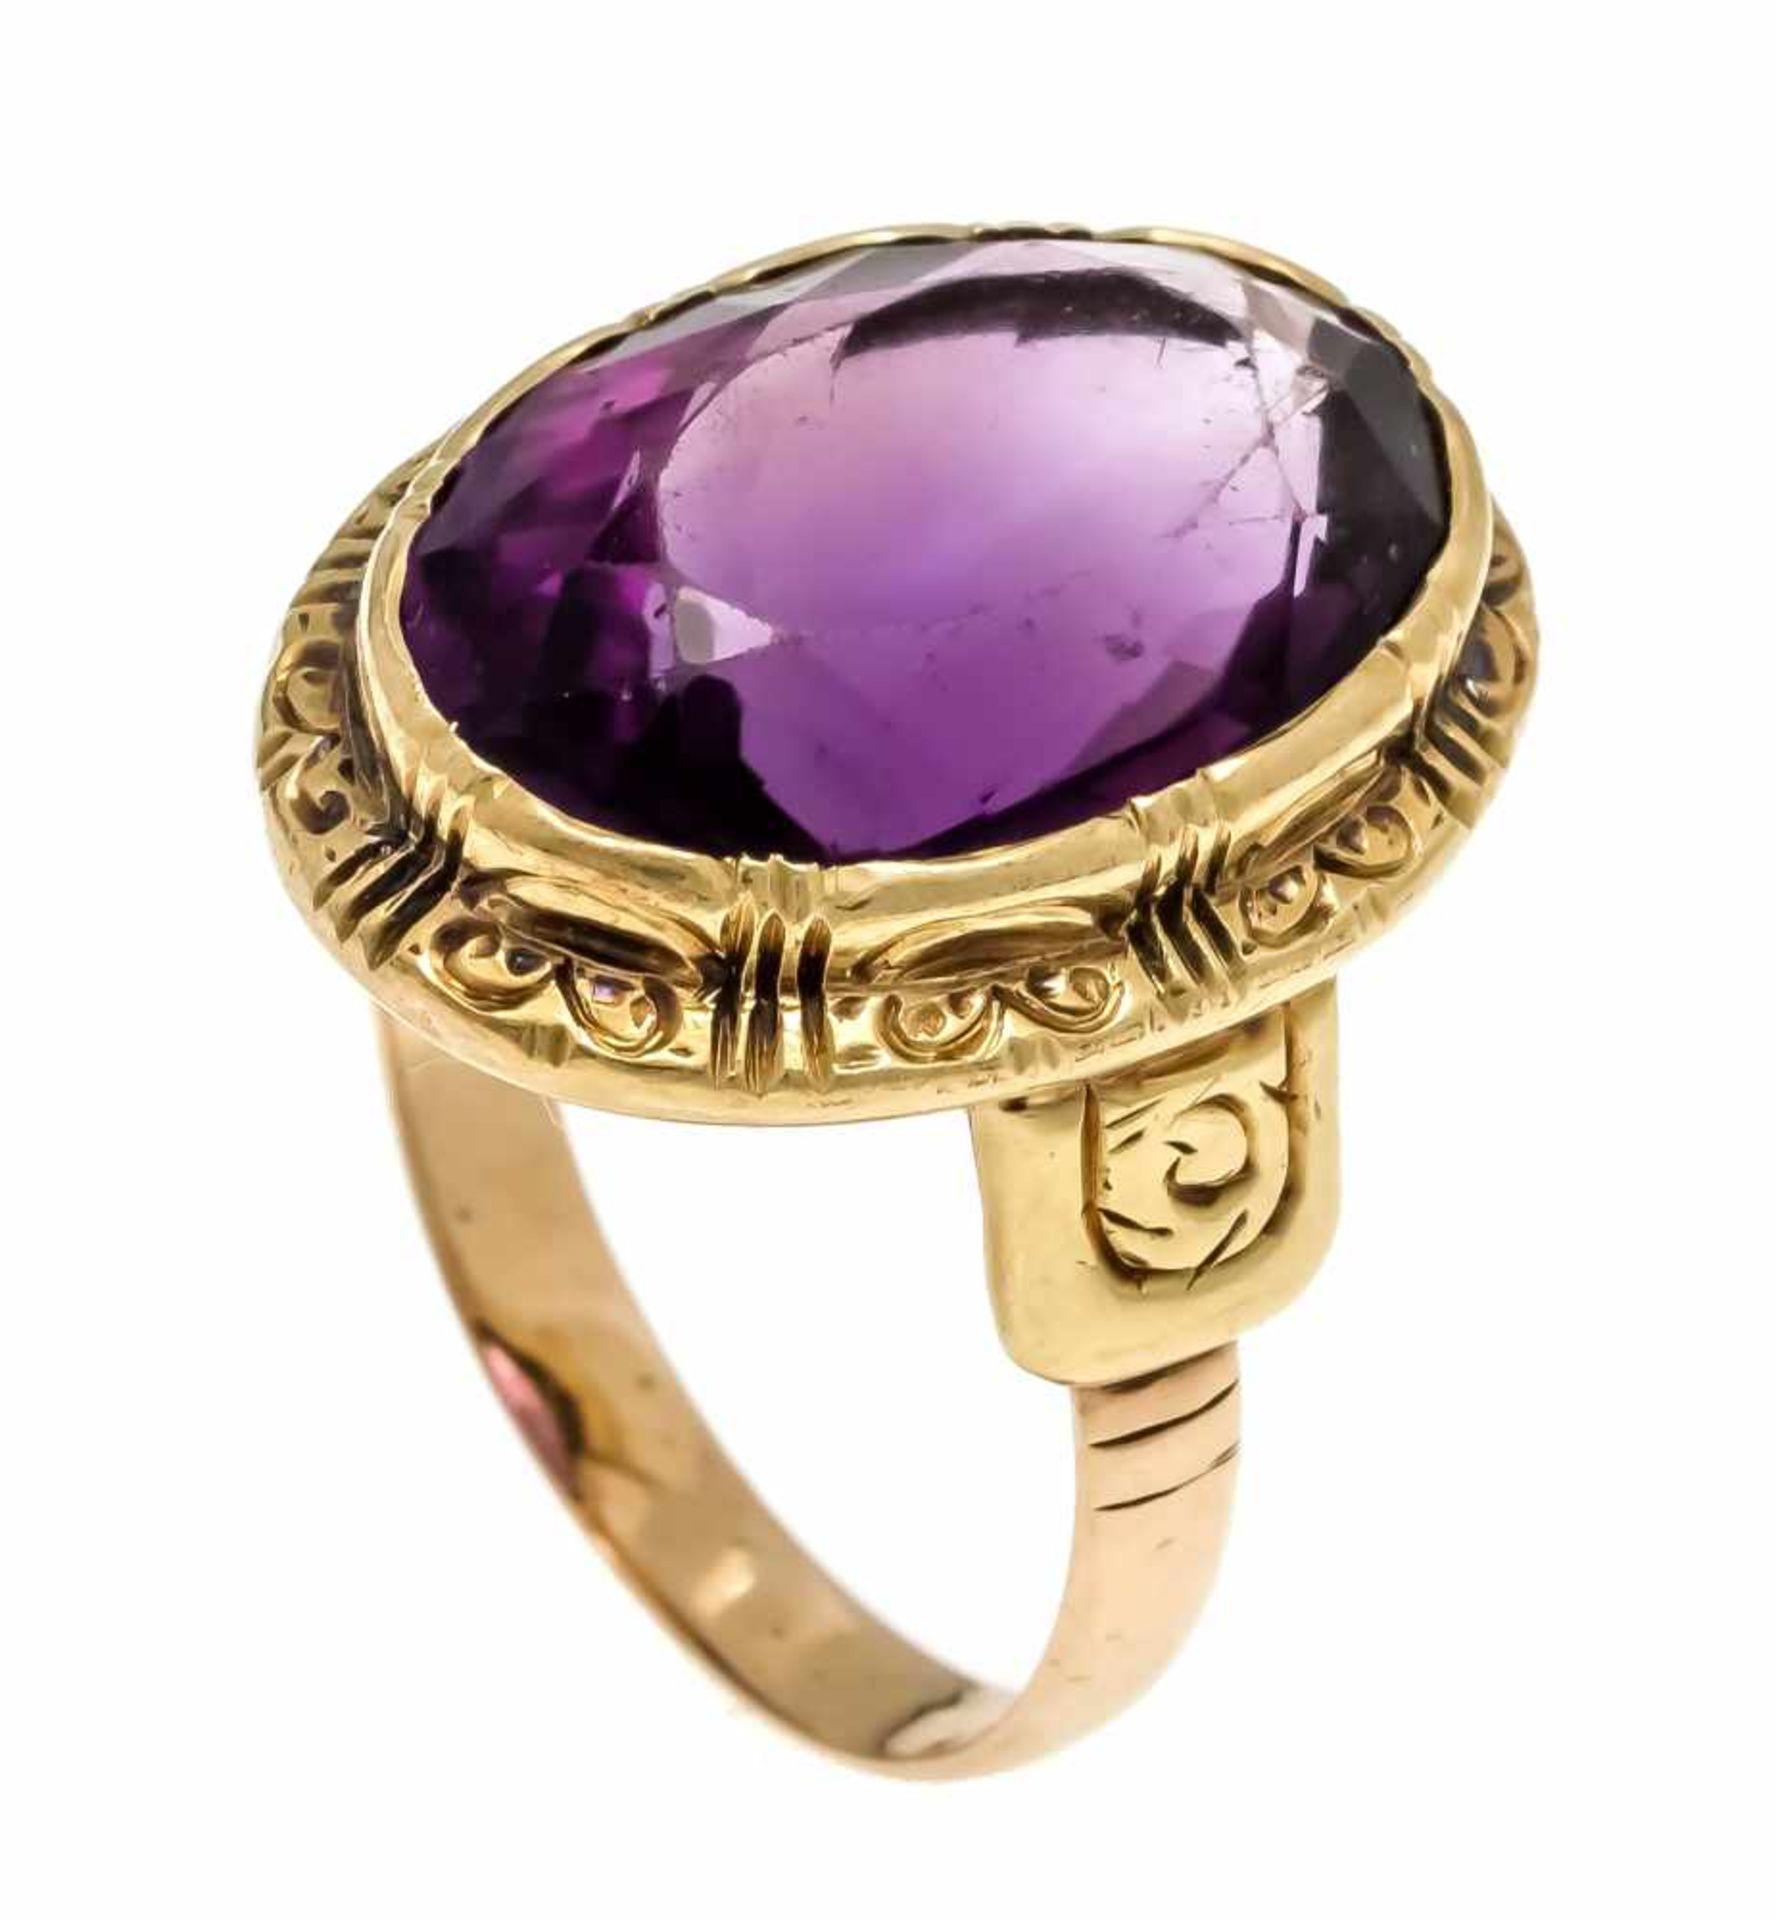 Amethyst-Ring G 585/000 mit einem oval fac. Amethyst 17,5 x 12 mm, RG 56, 7,3 gAmethyst ring G 585/